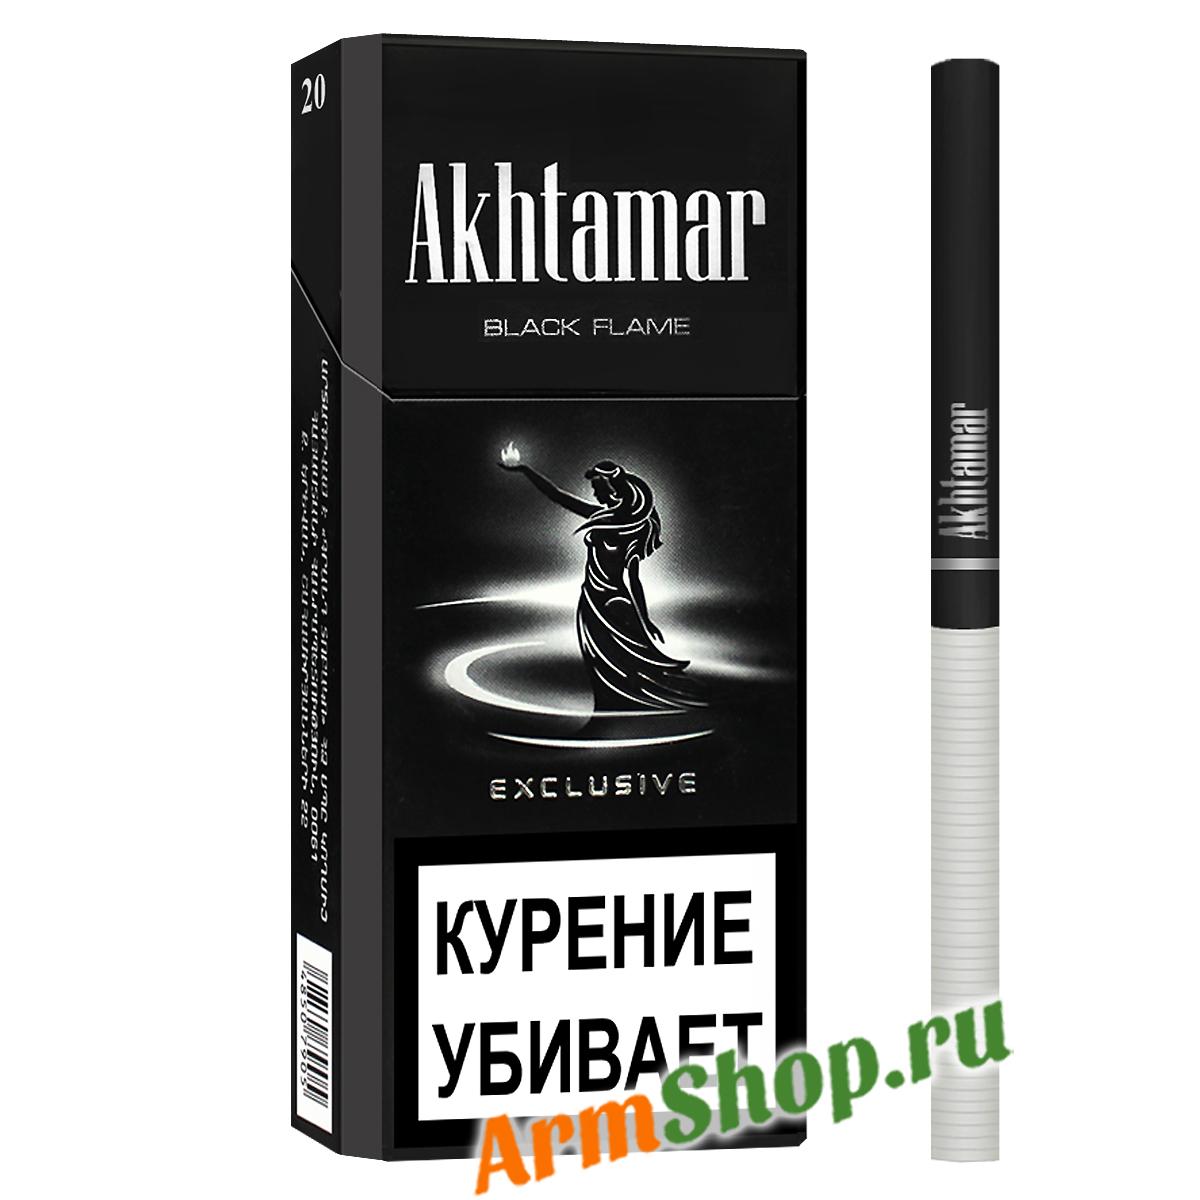 Сигареты akhtamar black flame exclusive купить в москве сигареты мелким оптом в спб